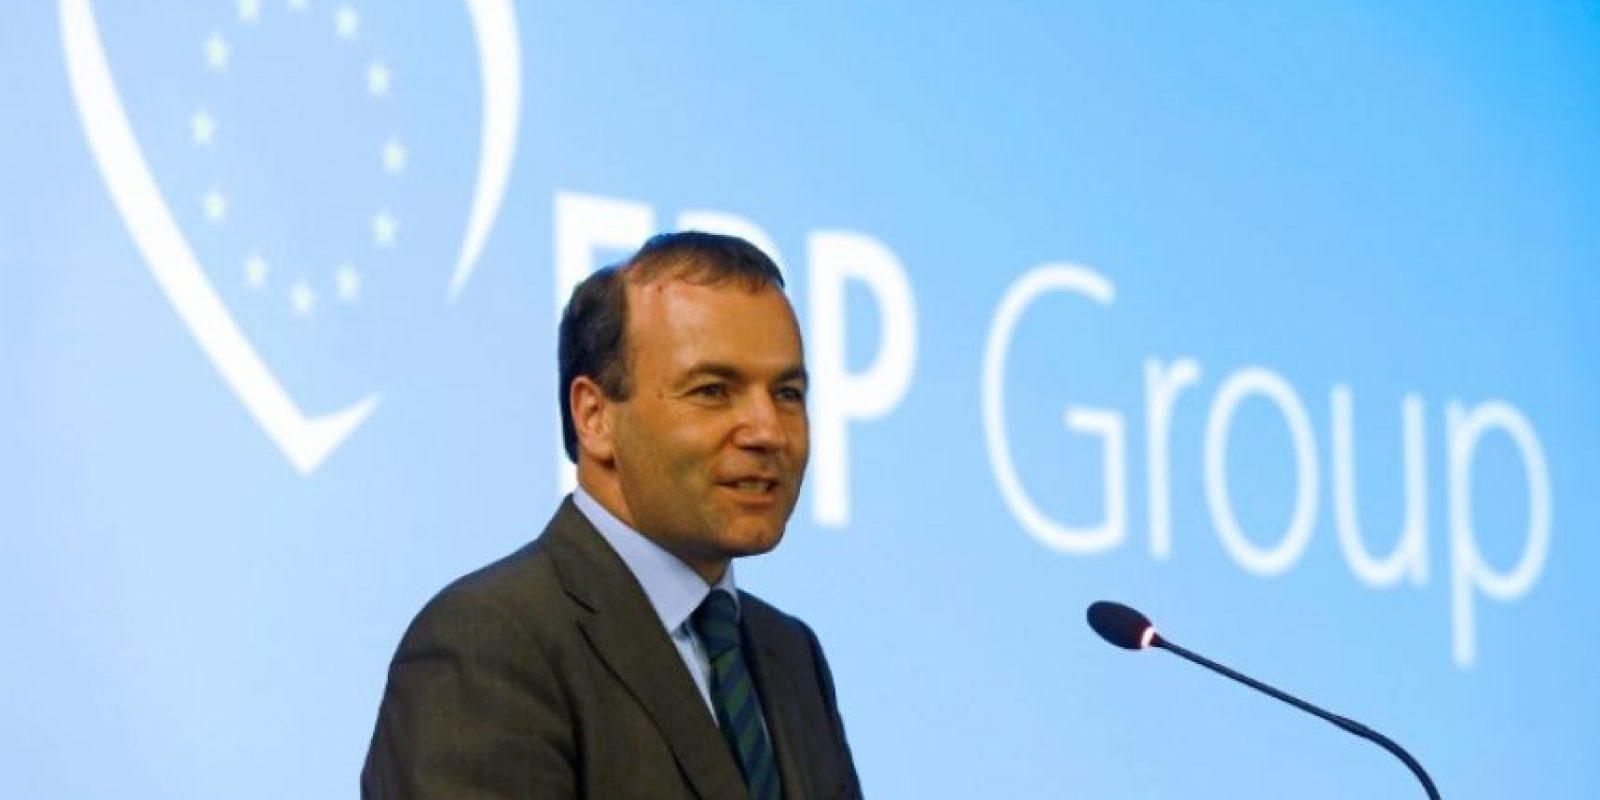 El líder del Partido Popular Europeo (PPE) en la Eurocámara, Manfred Weber, durante un mitin en Albufeira (Portugal), el 16 de junio de 2014 Foto:José Manuel Ribeiro/afp.com